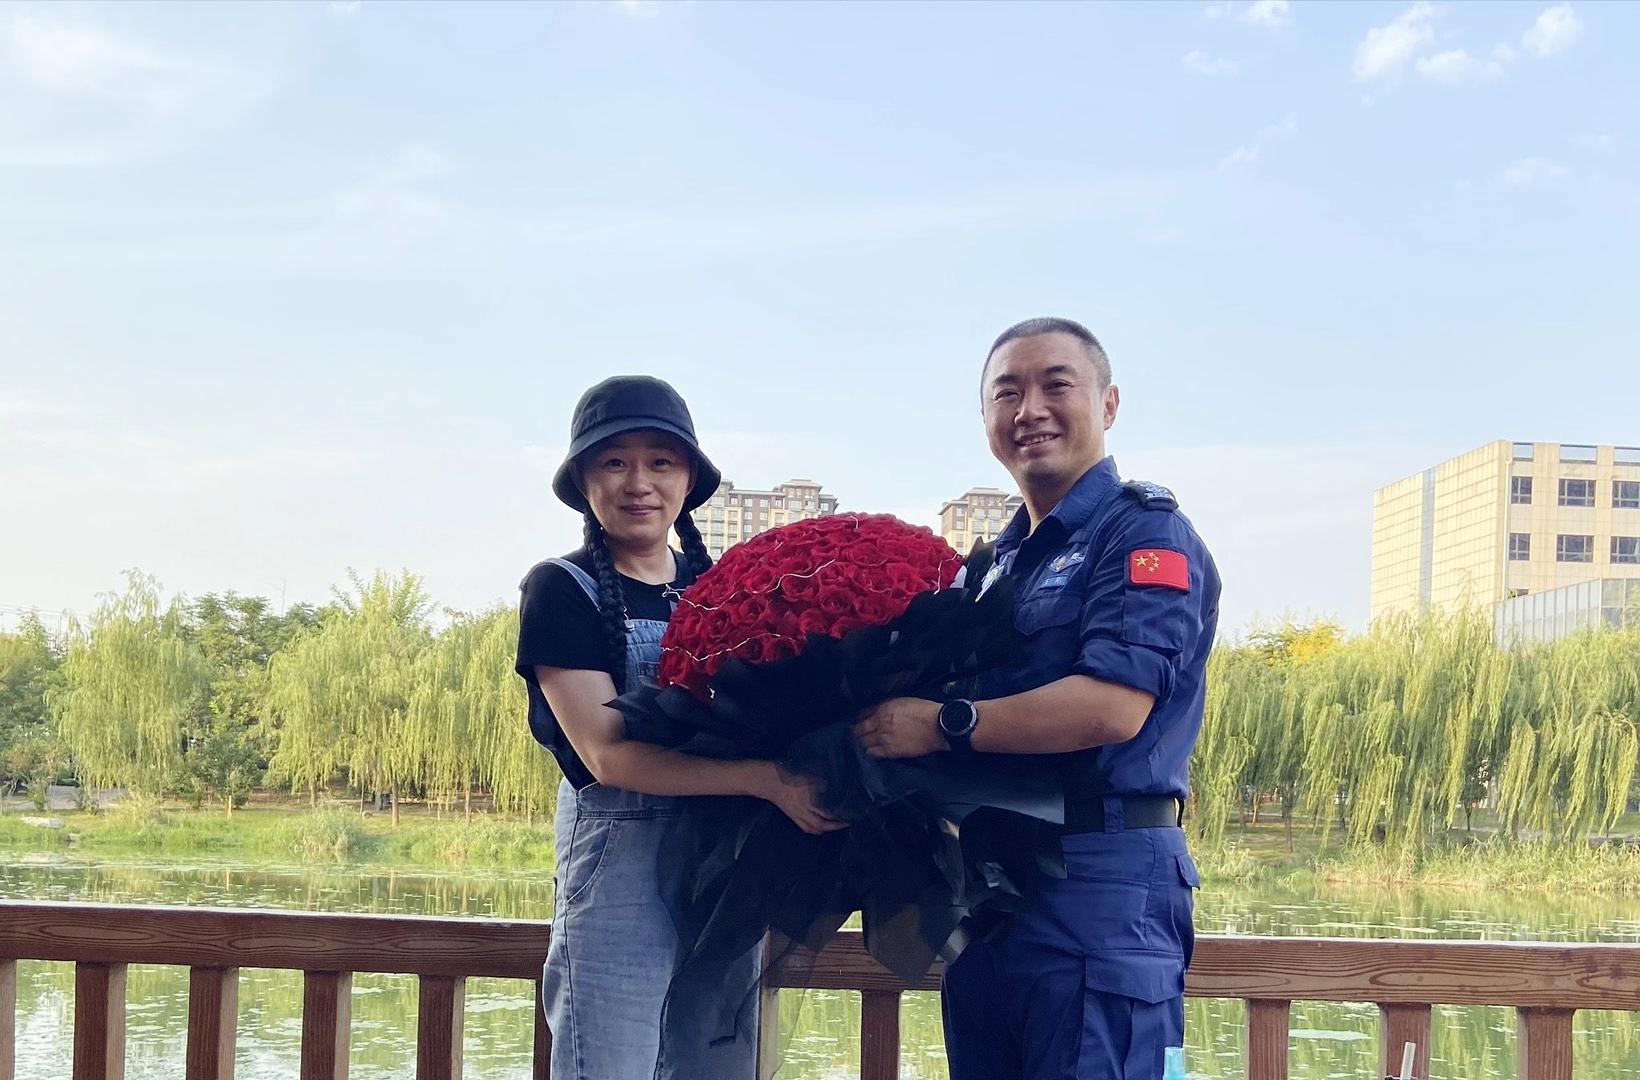 王刚与妻子红豆在今年9月9日共同度过13周年结婚纪念日。 本文图片均为受访者供图